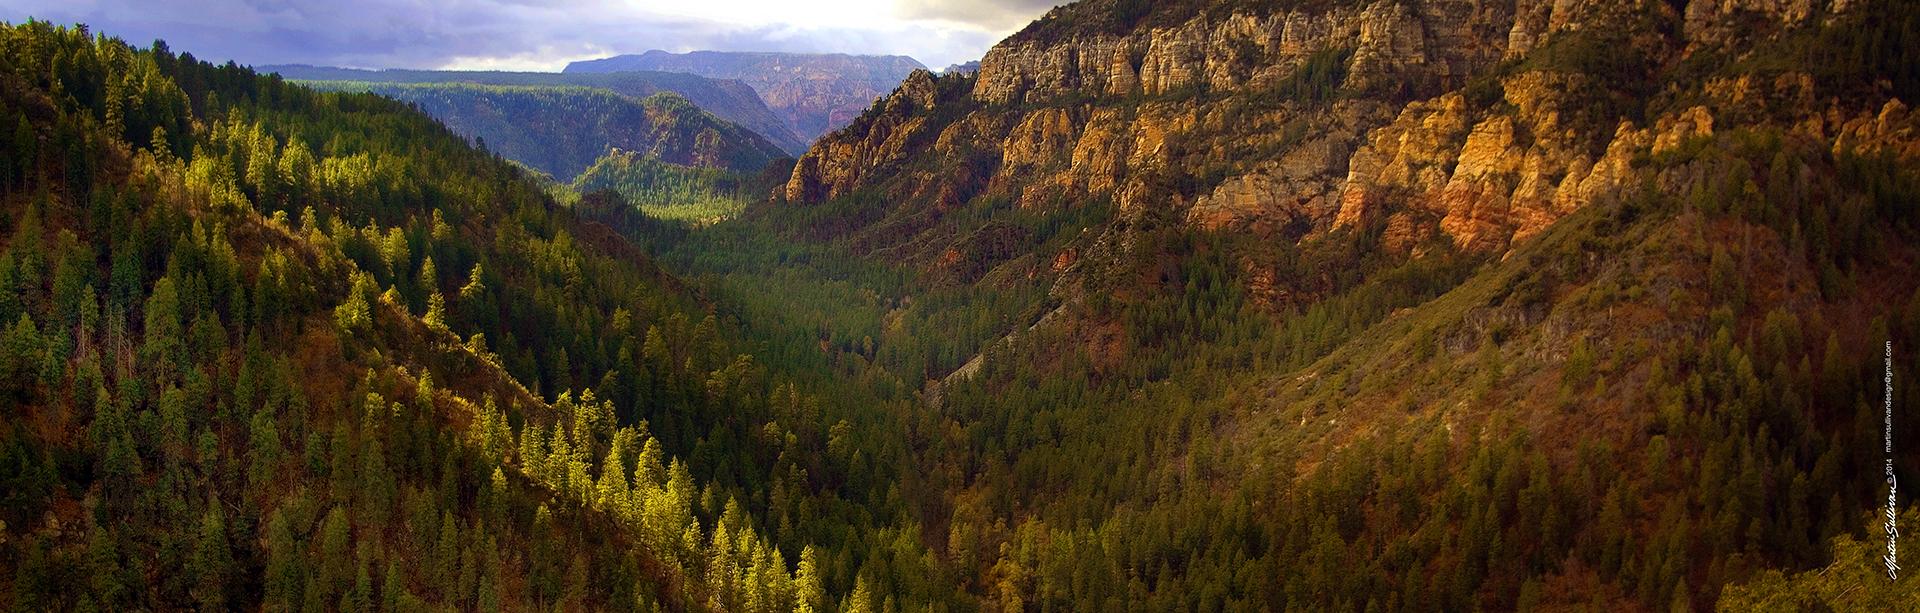 1x3W-Oak-Creek-Canyon